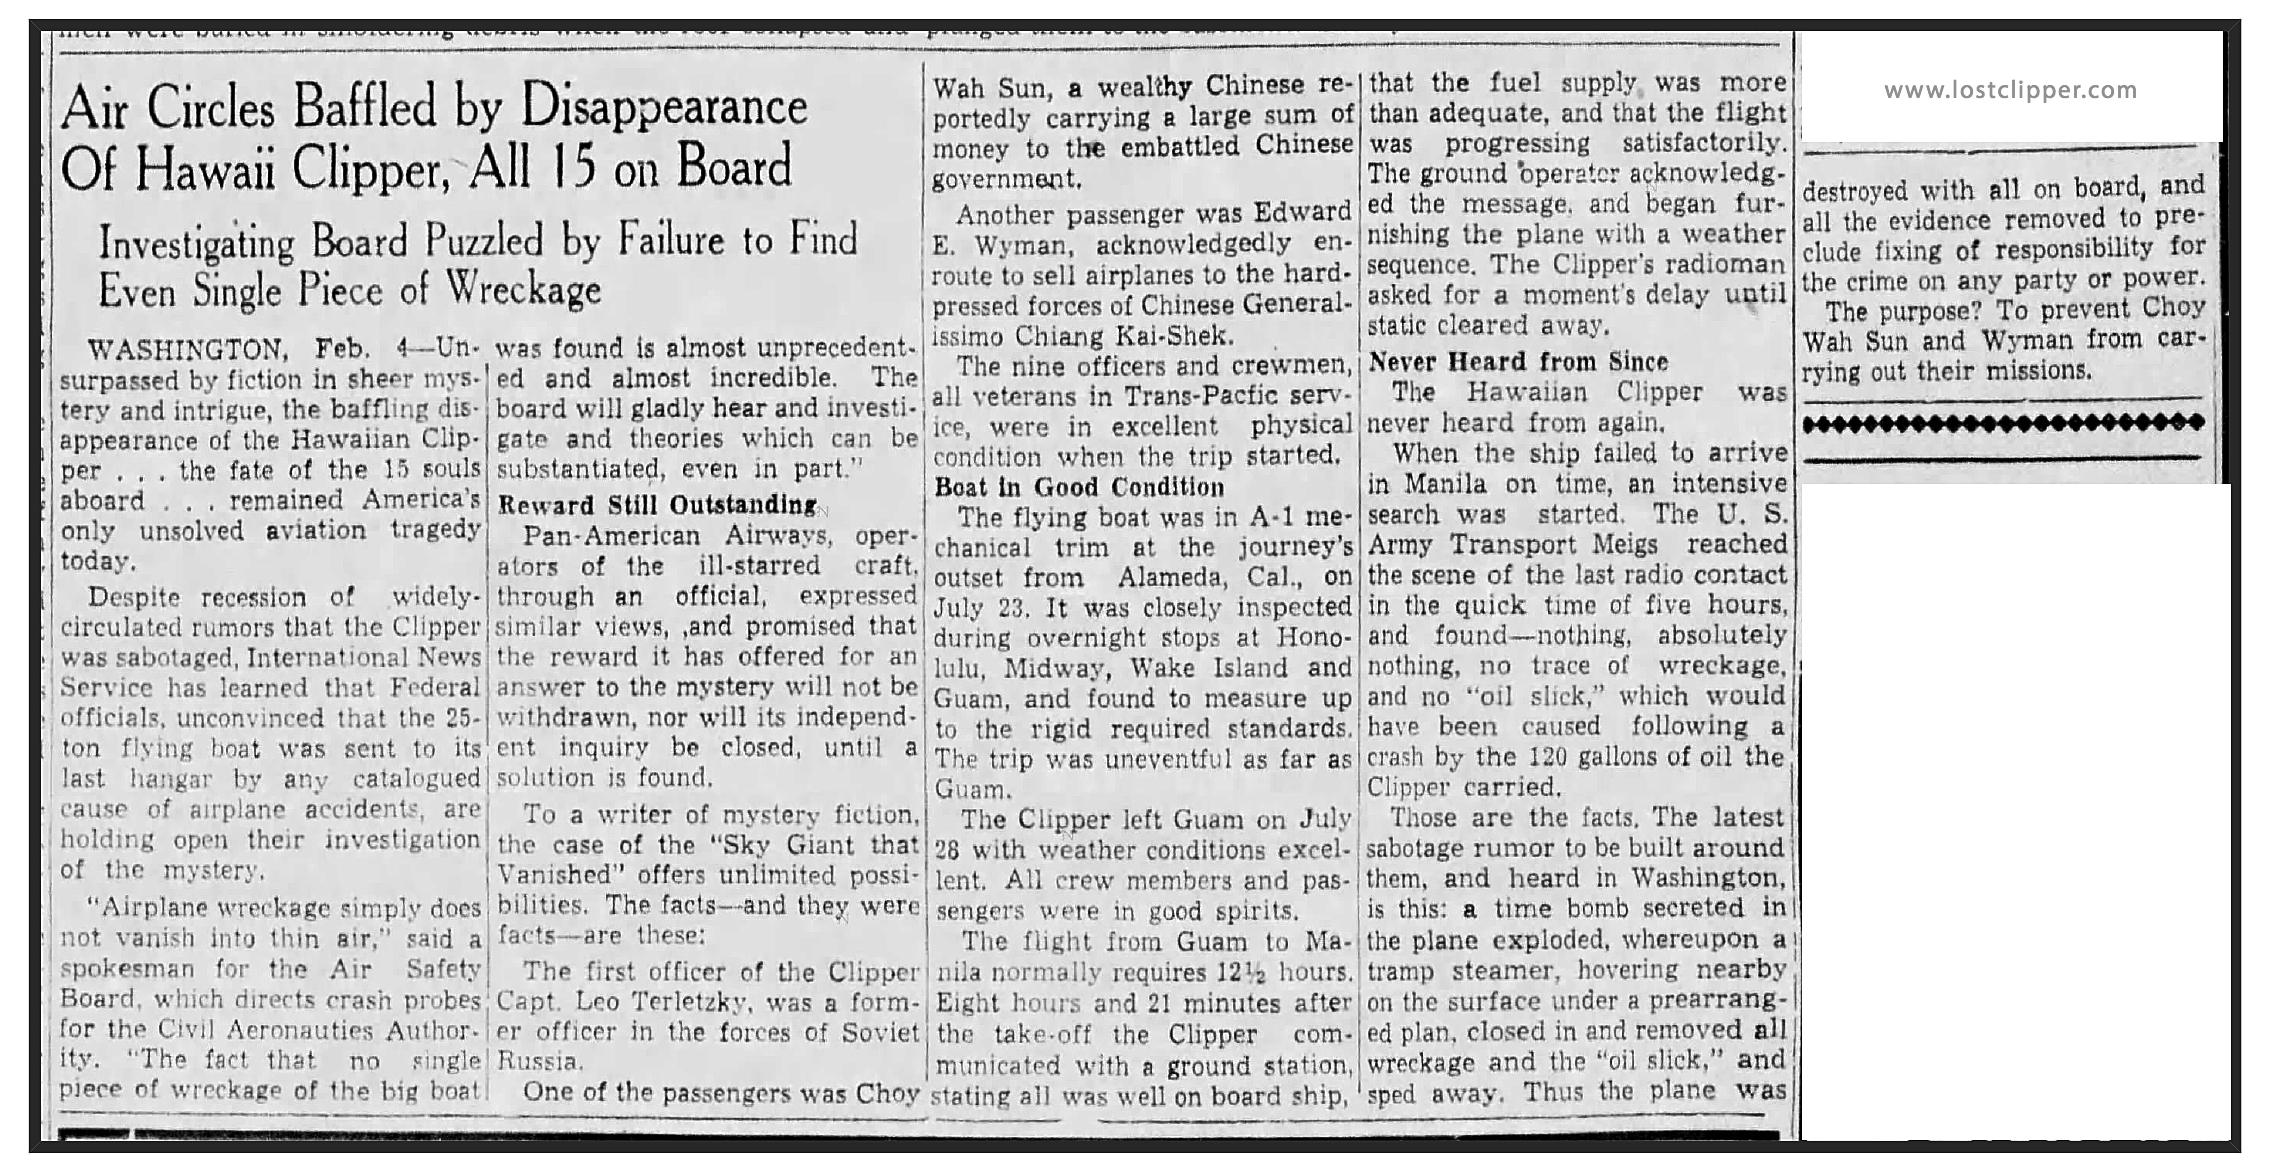 albuquerque_5_feb_1939_hawaii_clipper_baffled_investigating_board